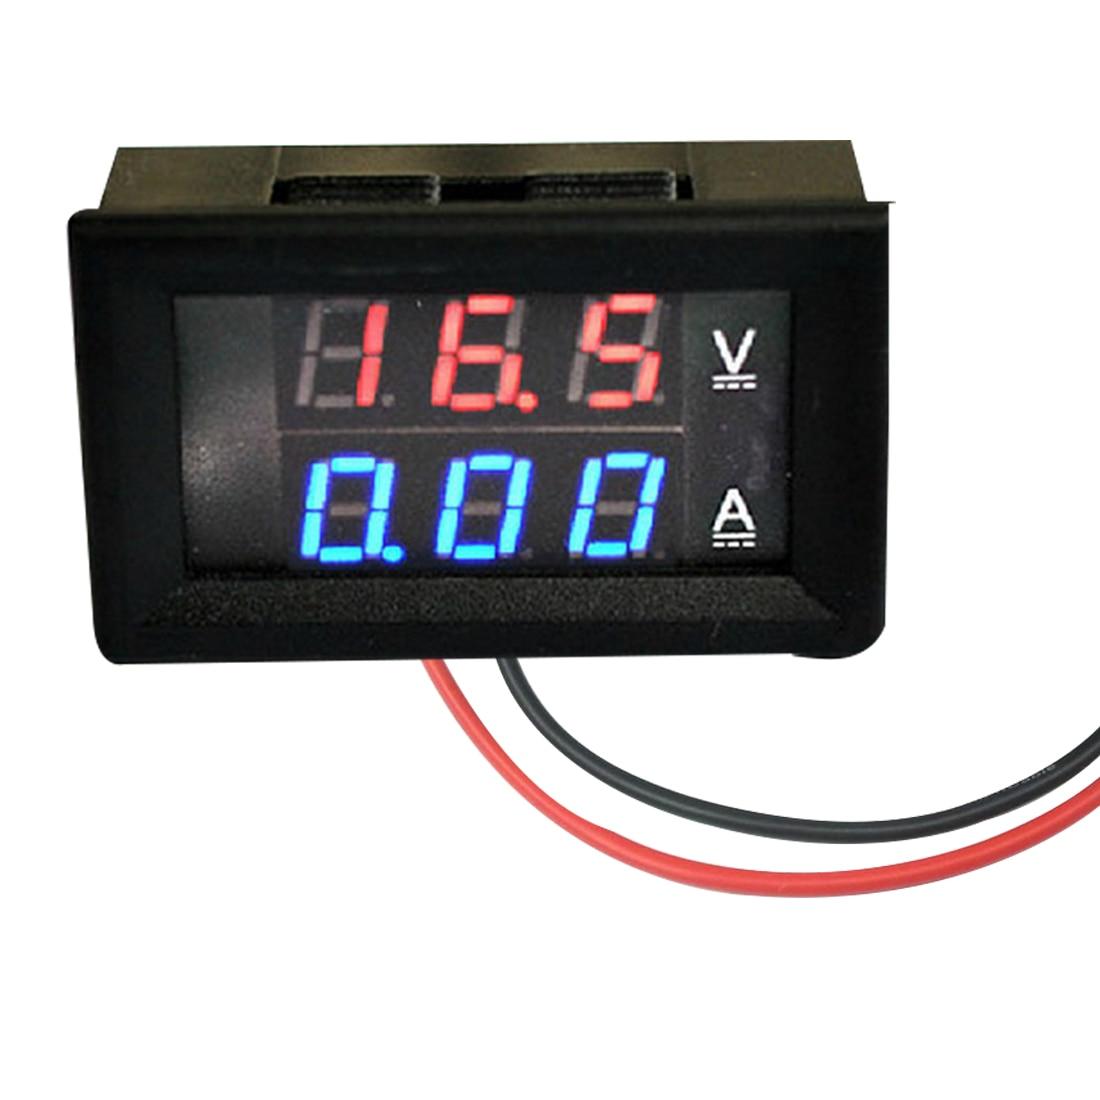 100V 10A DC Voltmeter Ammeter Blue + Red LED Amp Dual Digital Ammeter Voltmeter Gauge  Professional